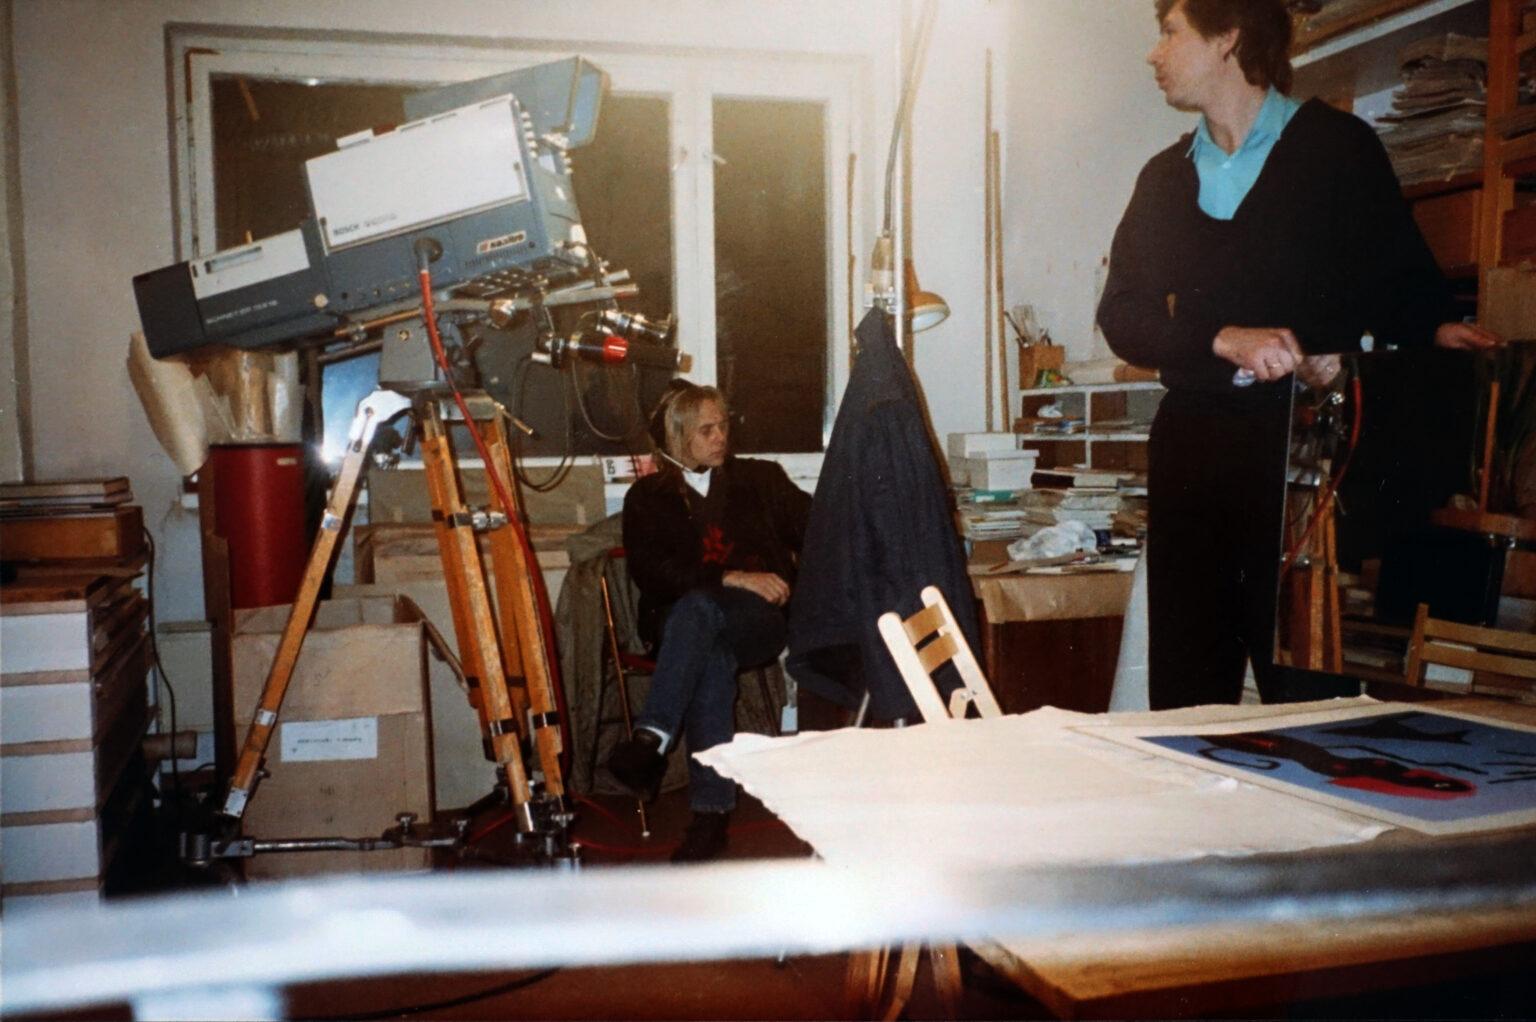 """Saatesarja """"Eesti nüüdiskunst"""" filmimine 1990. aastal. Selline suur kaamera toimis koos maja ette pargitud kaamerabussiga, juhtmed jooksid aknast kümme korrust alla. Foto: erakogu"""